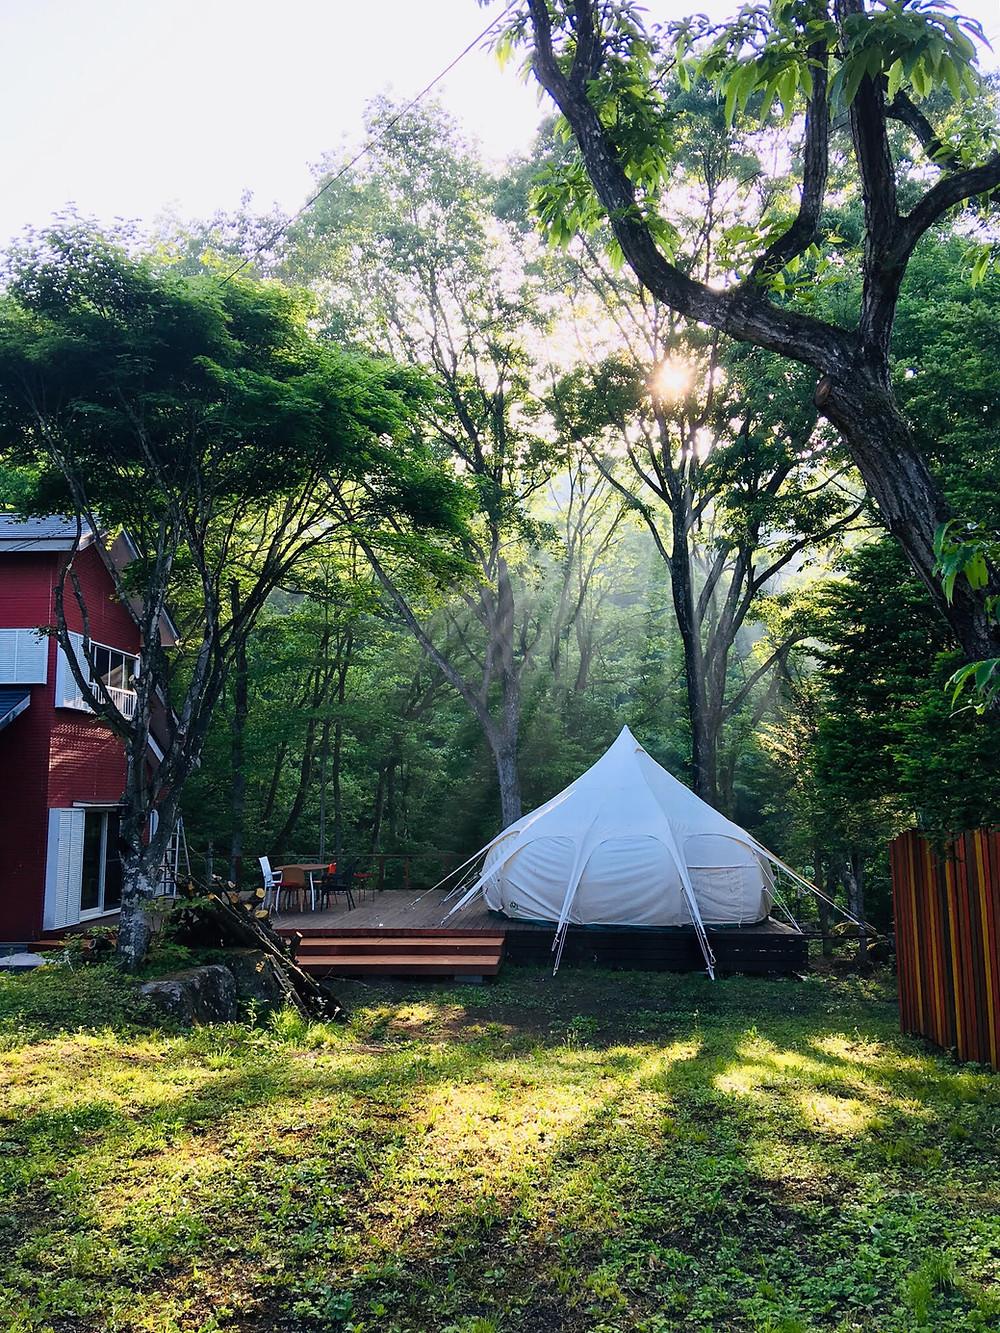 ワオグランピングコテージ ワオグラ 群馬 みなかみ 沼田 グランピング キャンプ